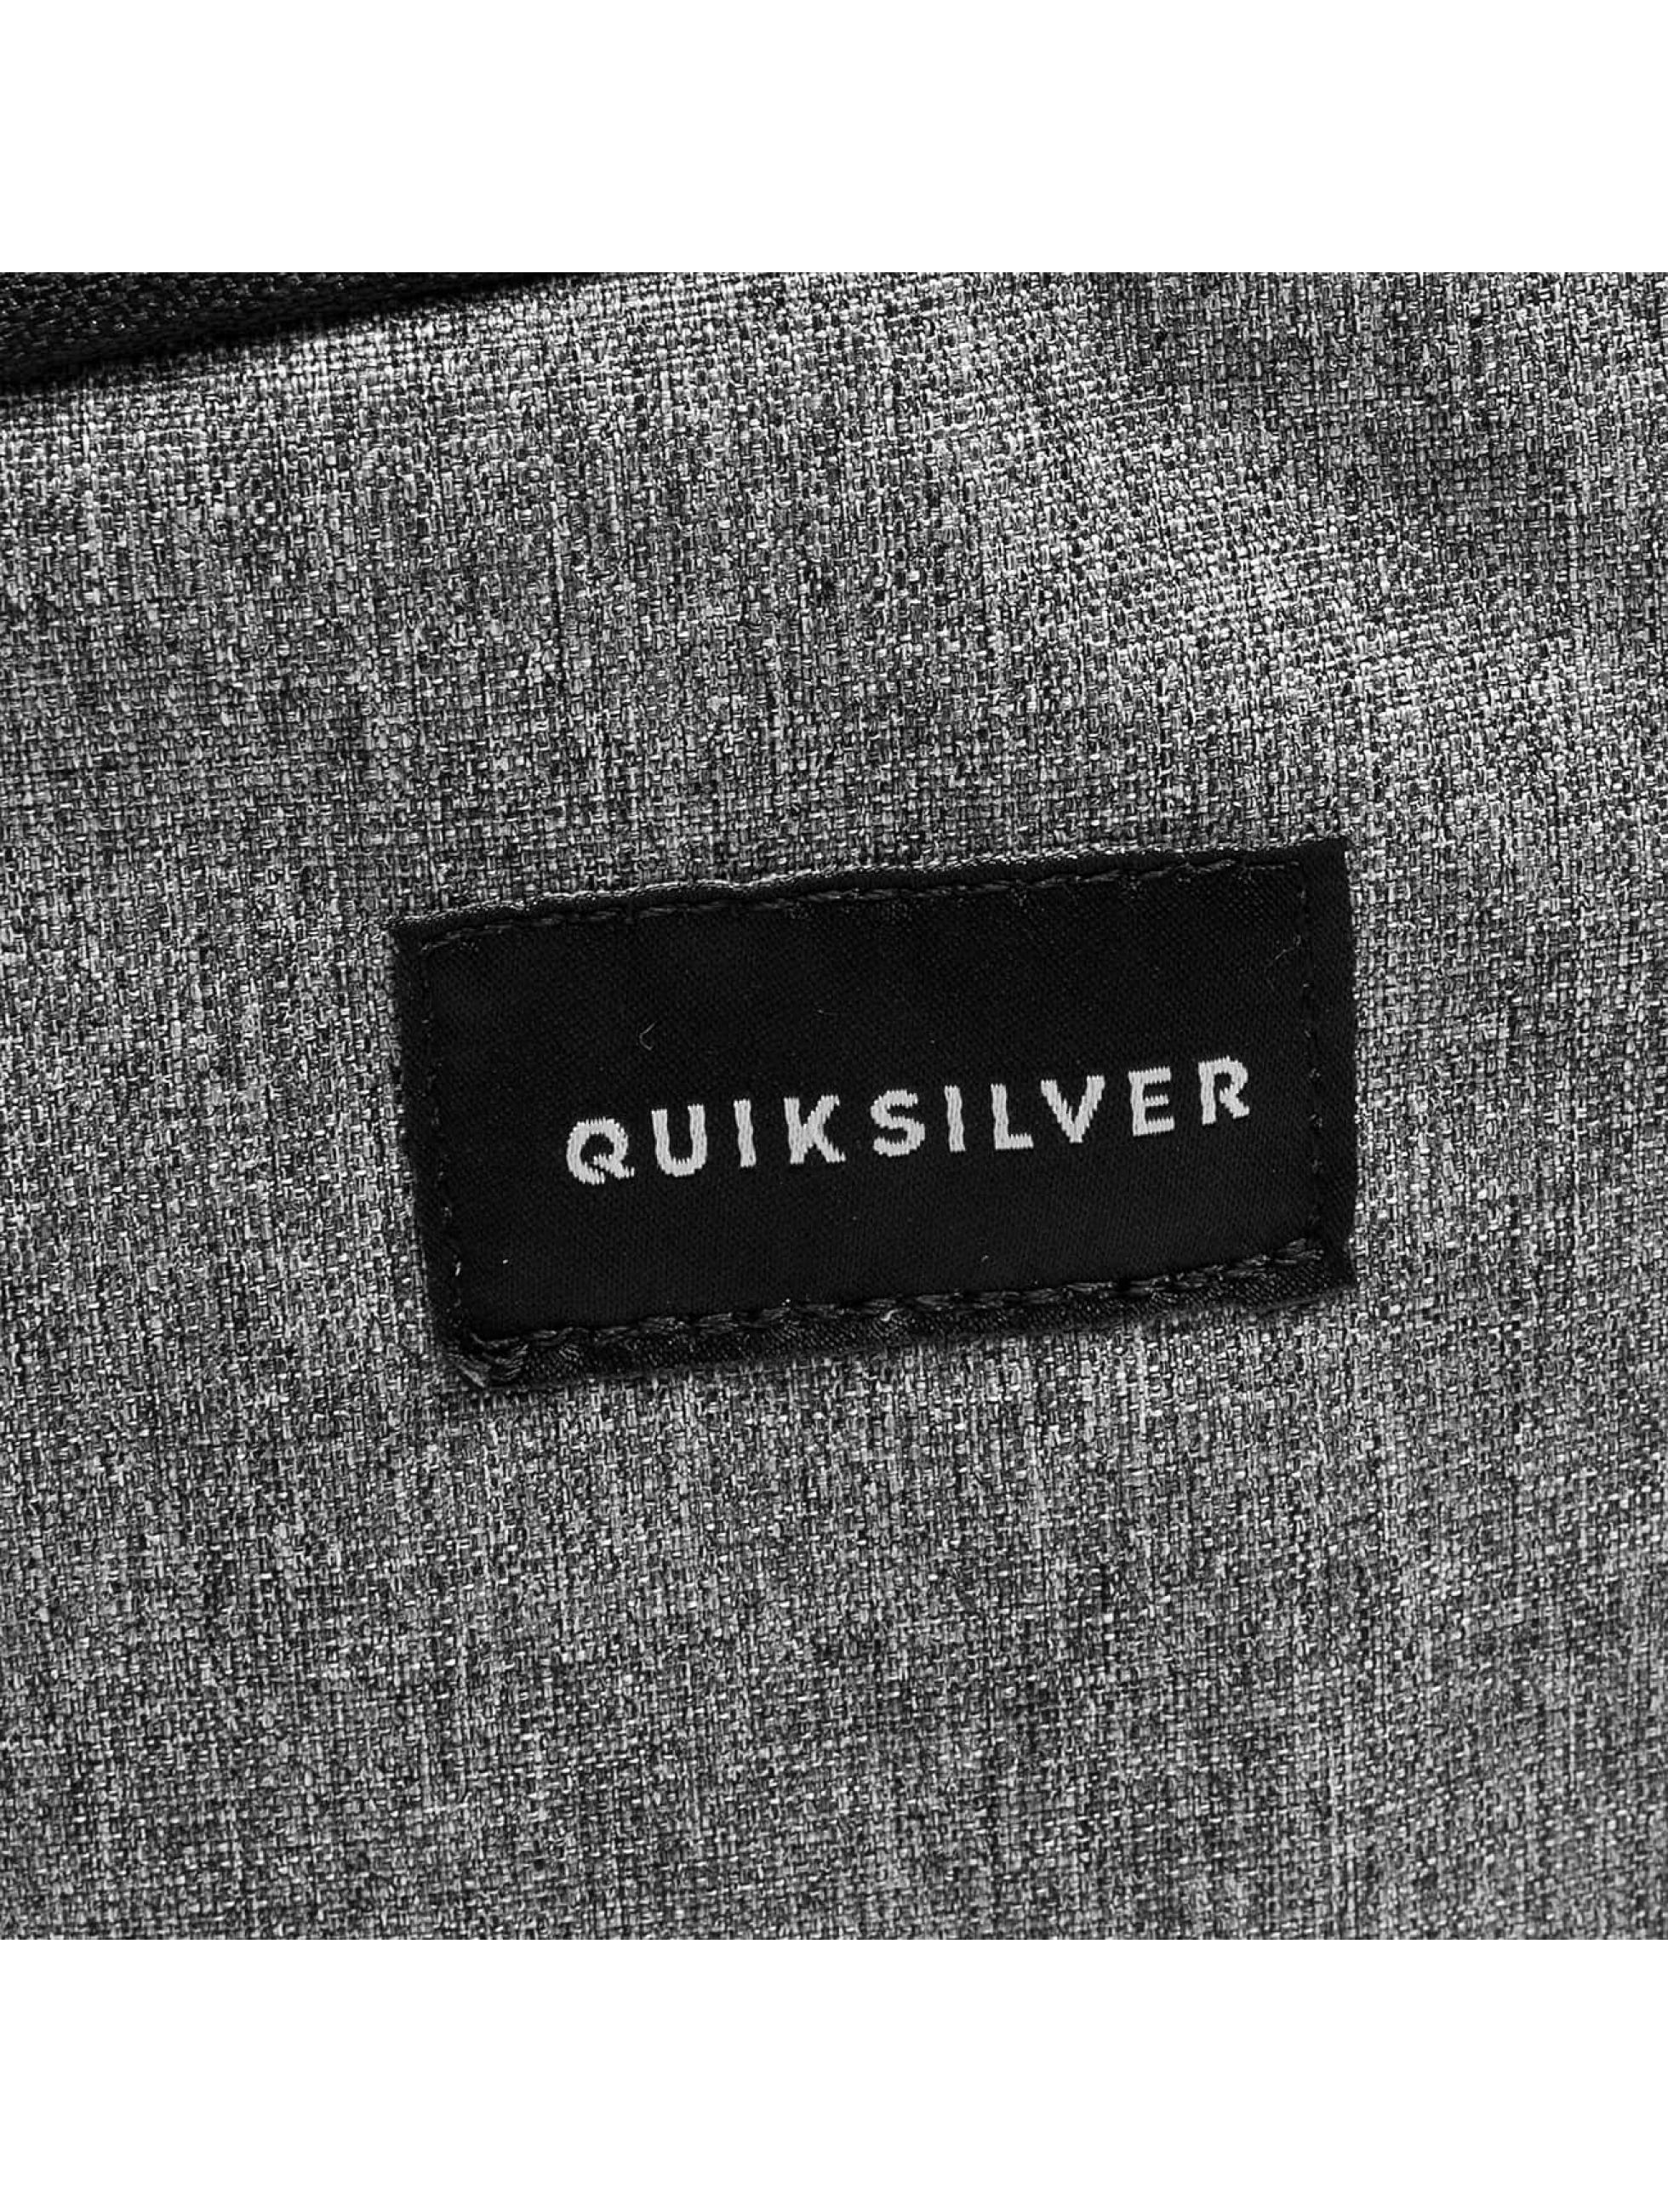 Quiksilver Reput 1969 Special harmaa